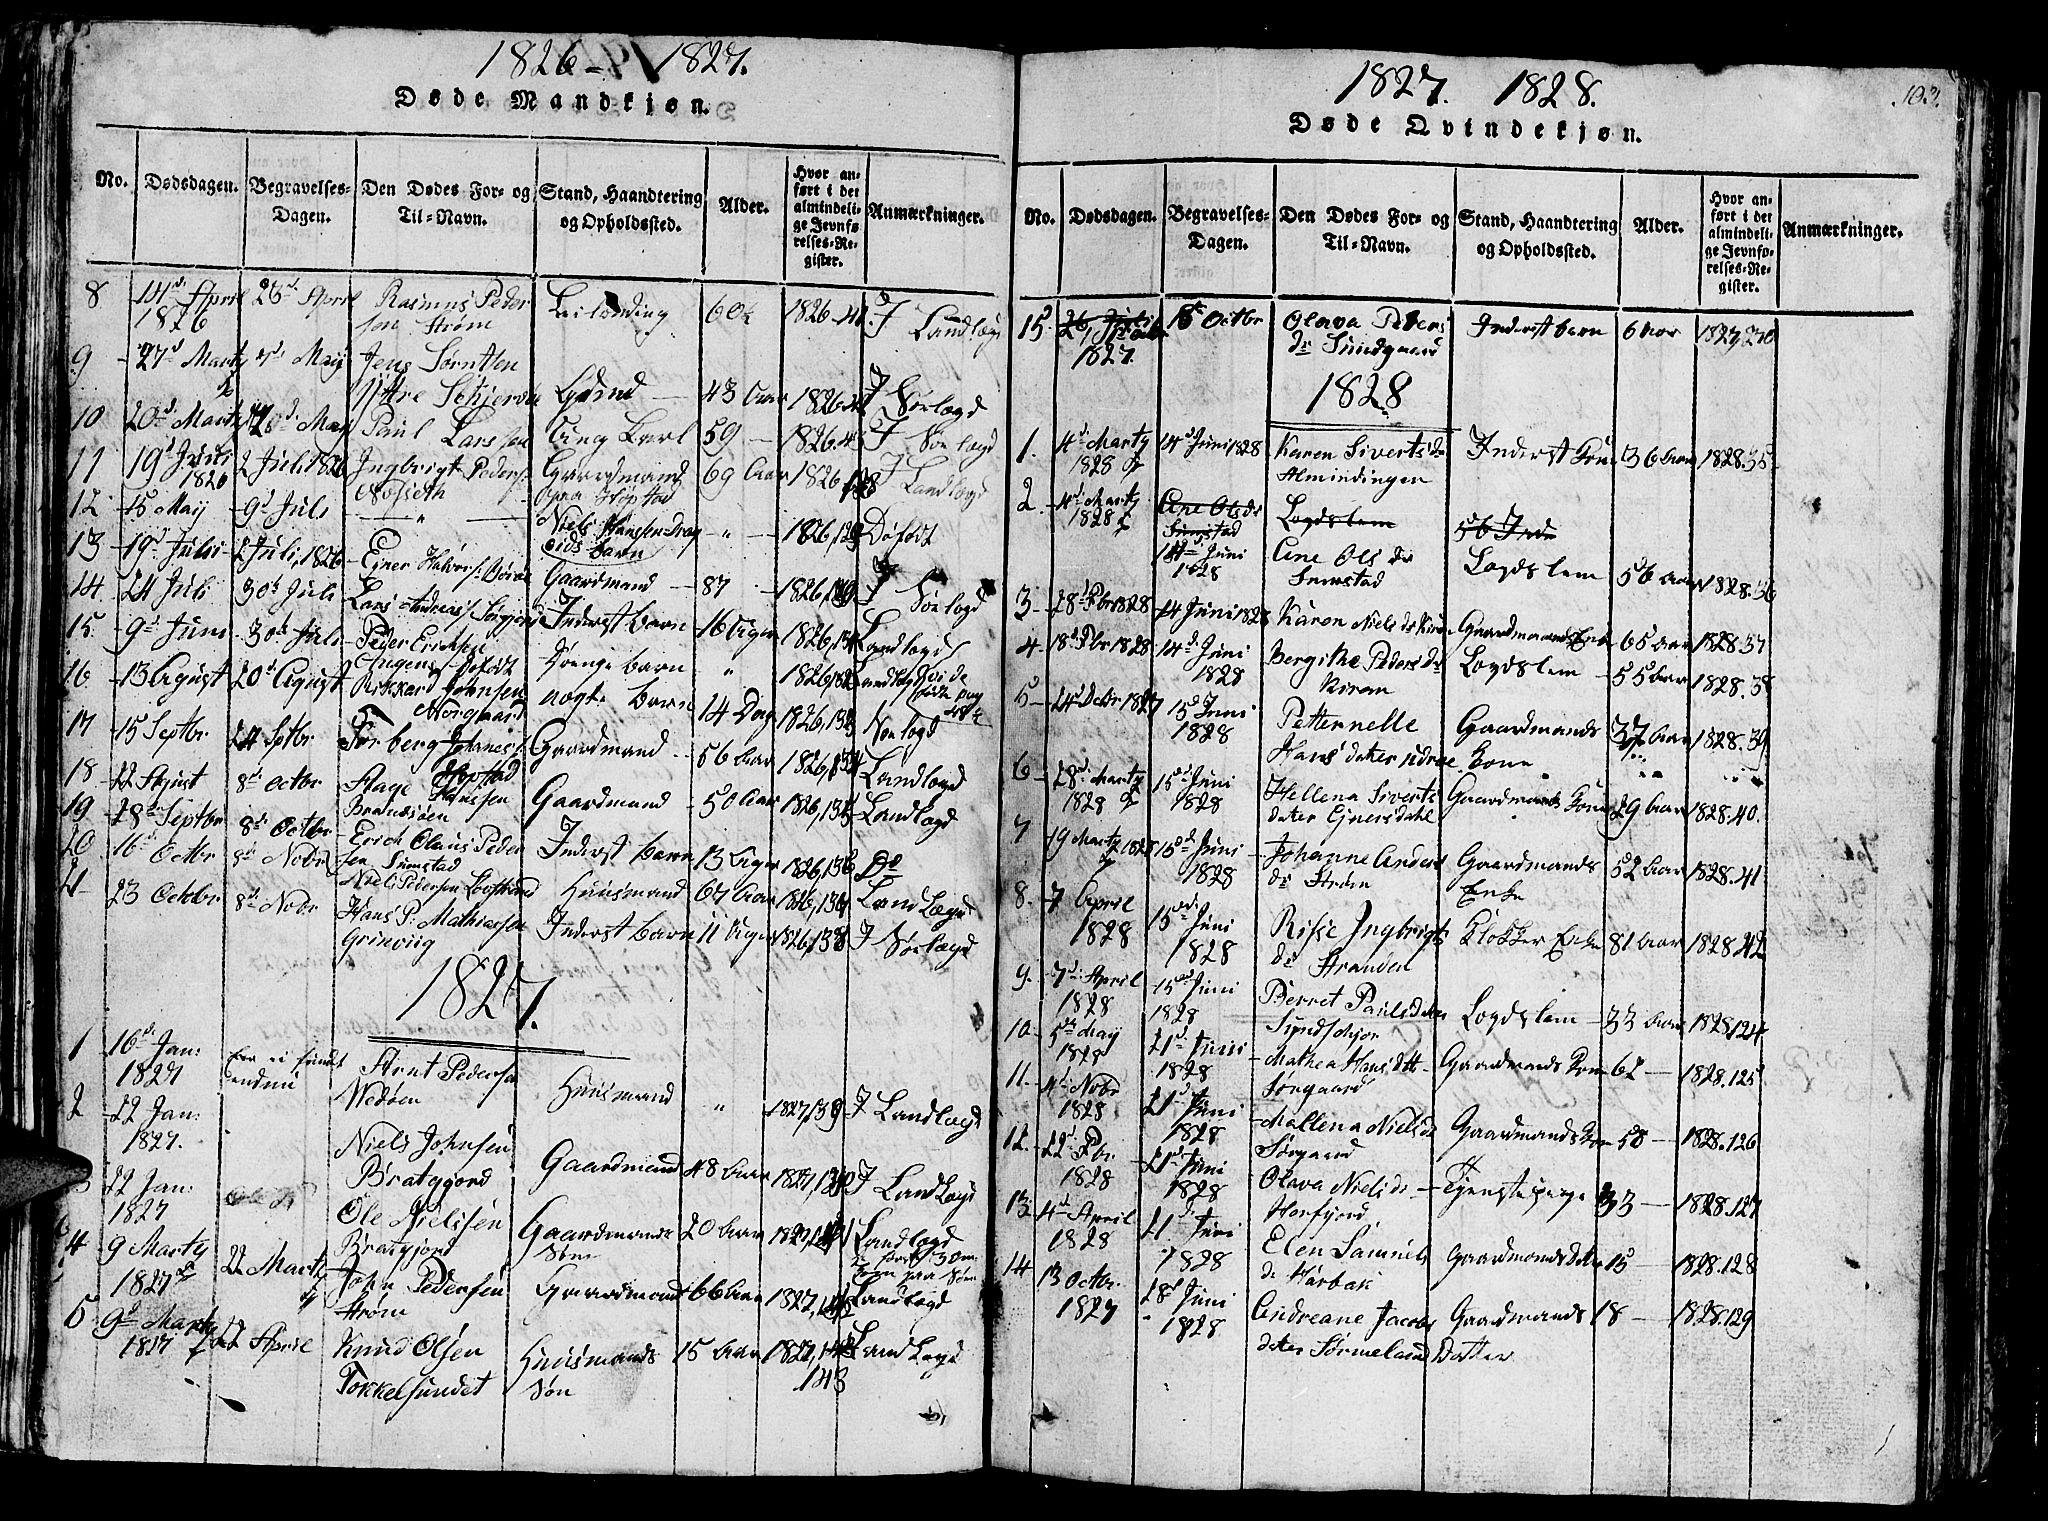 SAT, Ministerialprotokoller, klokkerbøker og fødselsregistre - Sør-Trøndelag, 657/L0714: Klokkerbok nr. 657C01, 1818-1868, s. 103